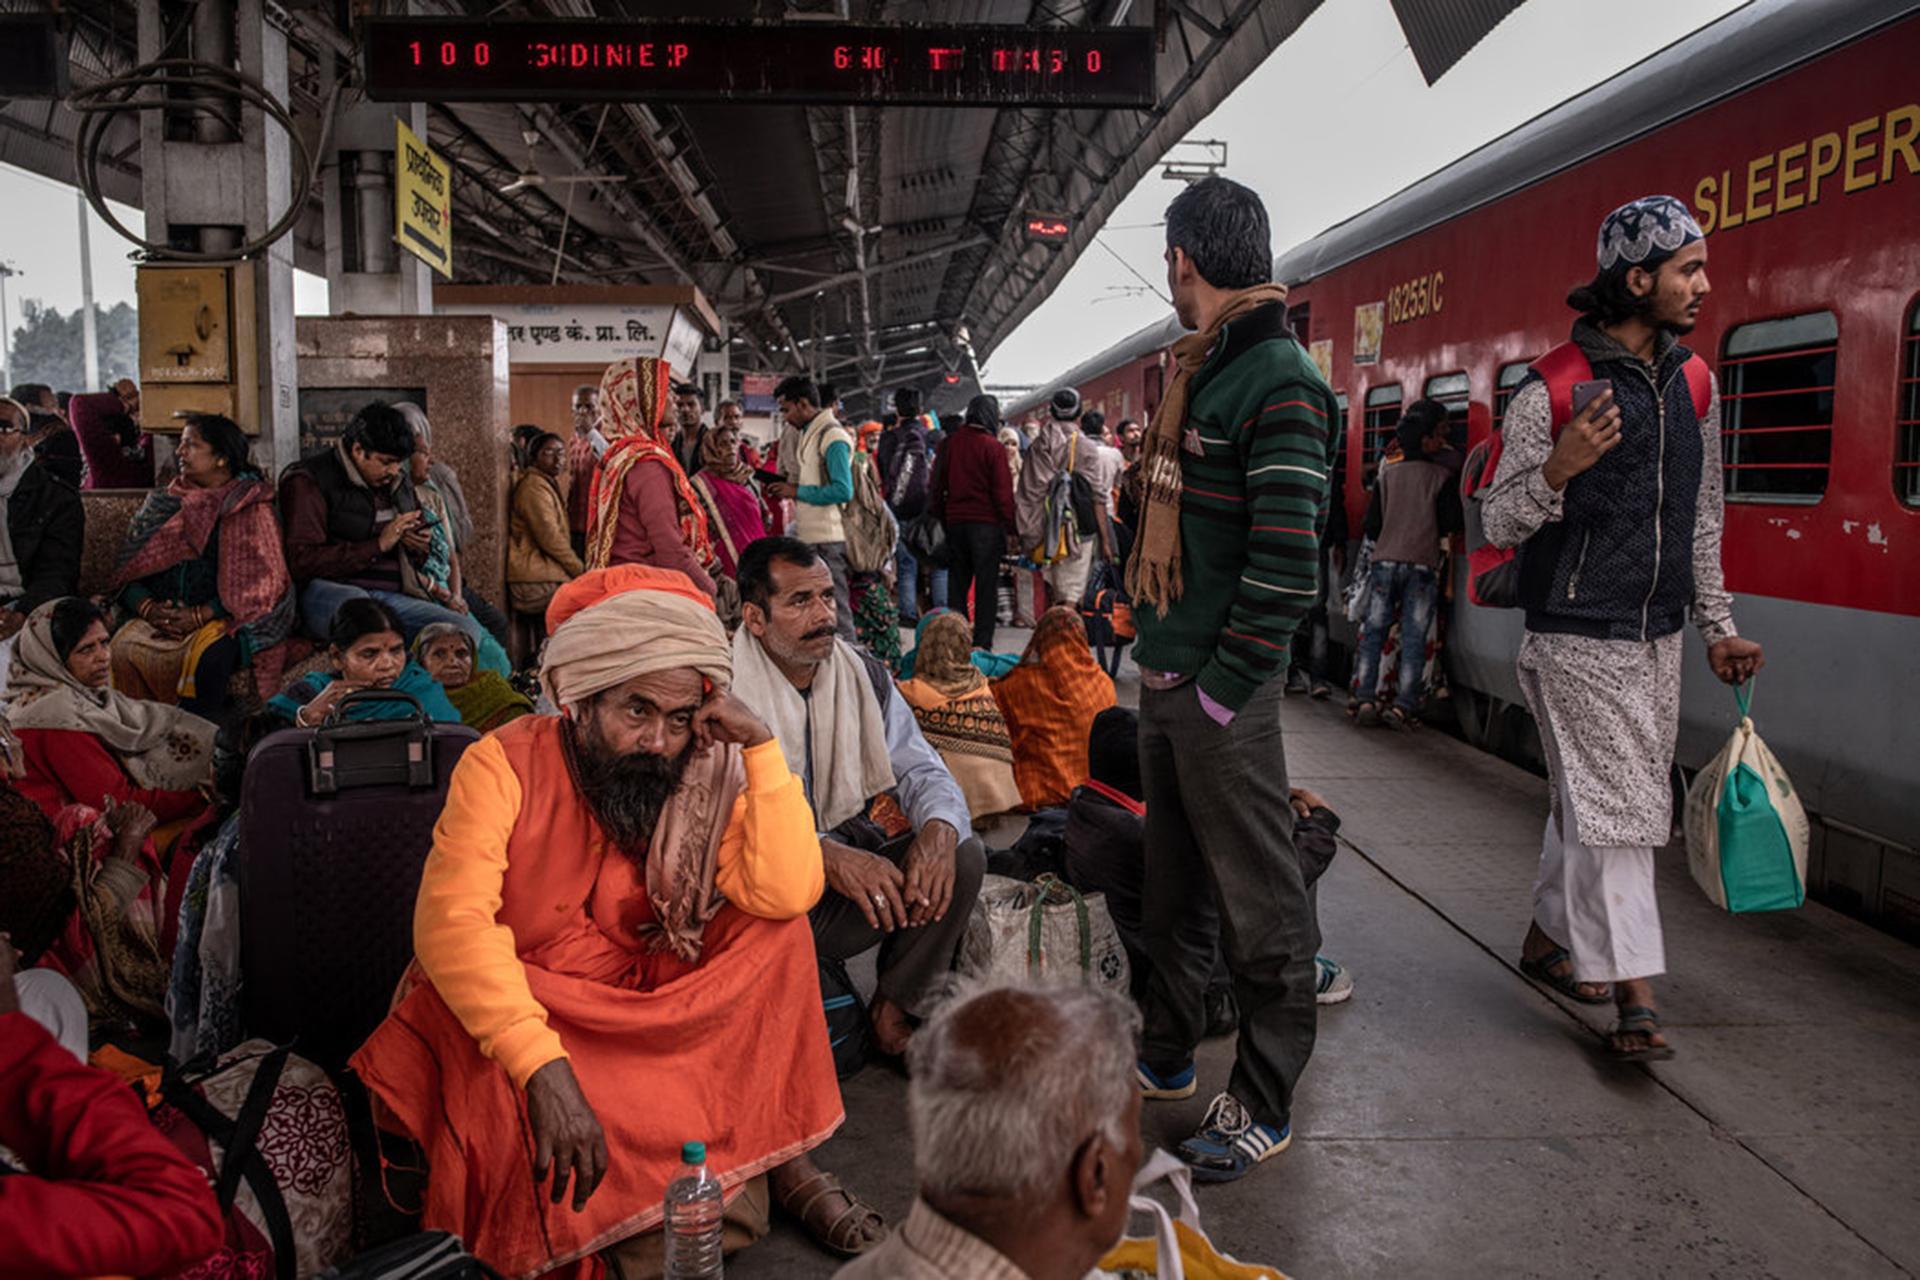 Peregrinos en la estación de transferencia hacia Prayagraj. (The New York Times)